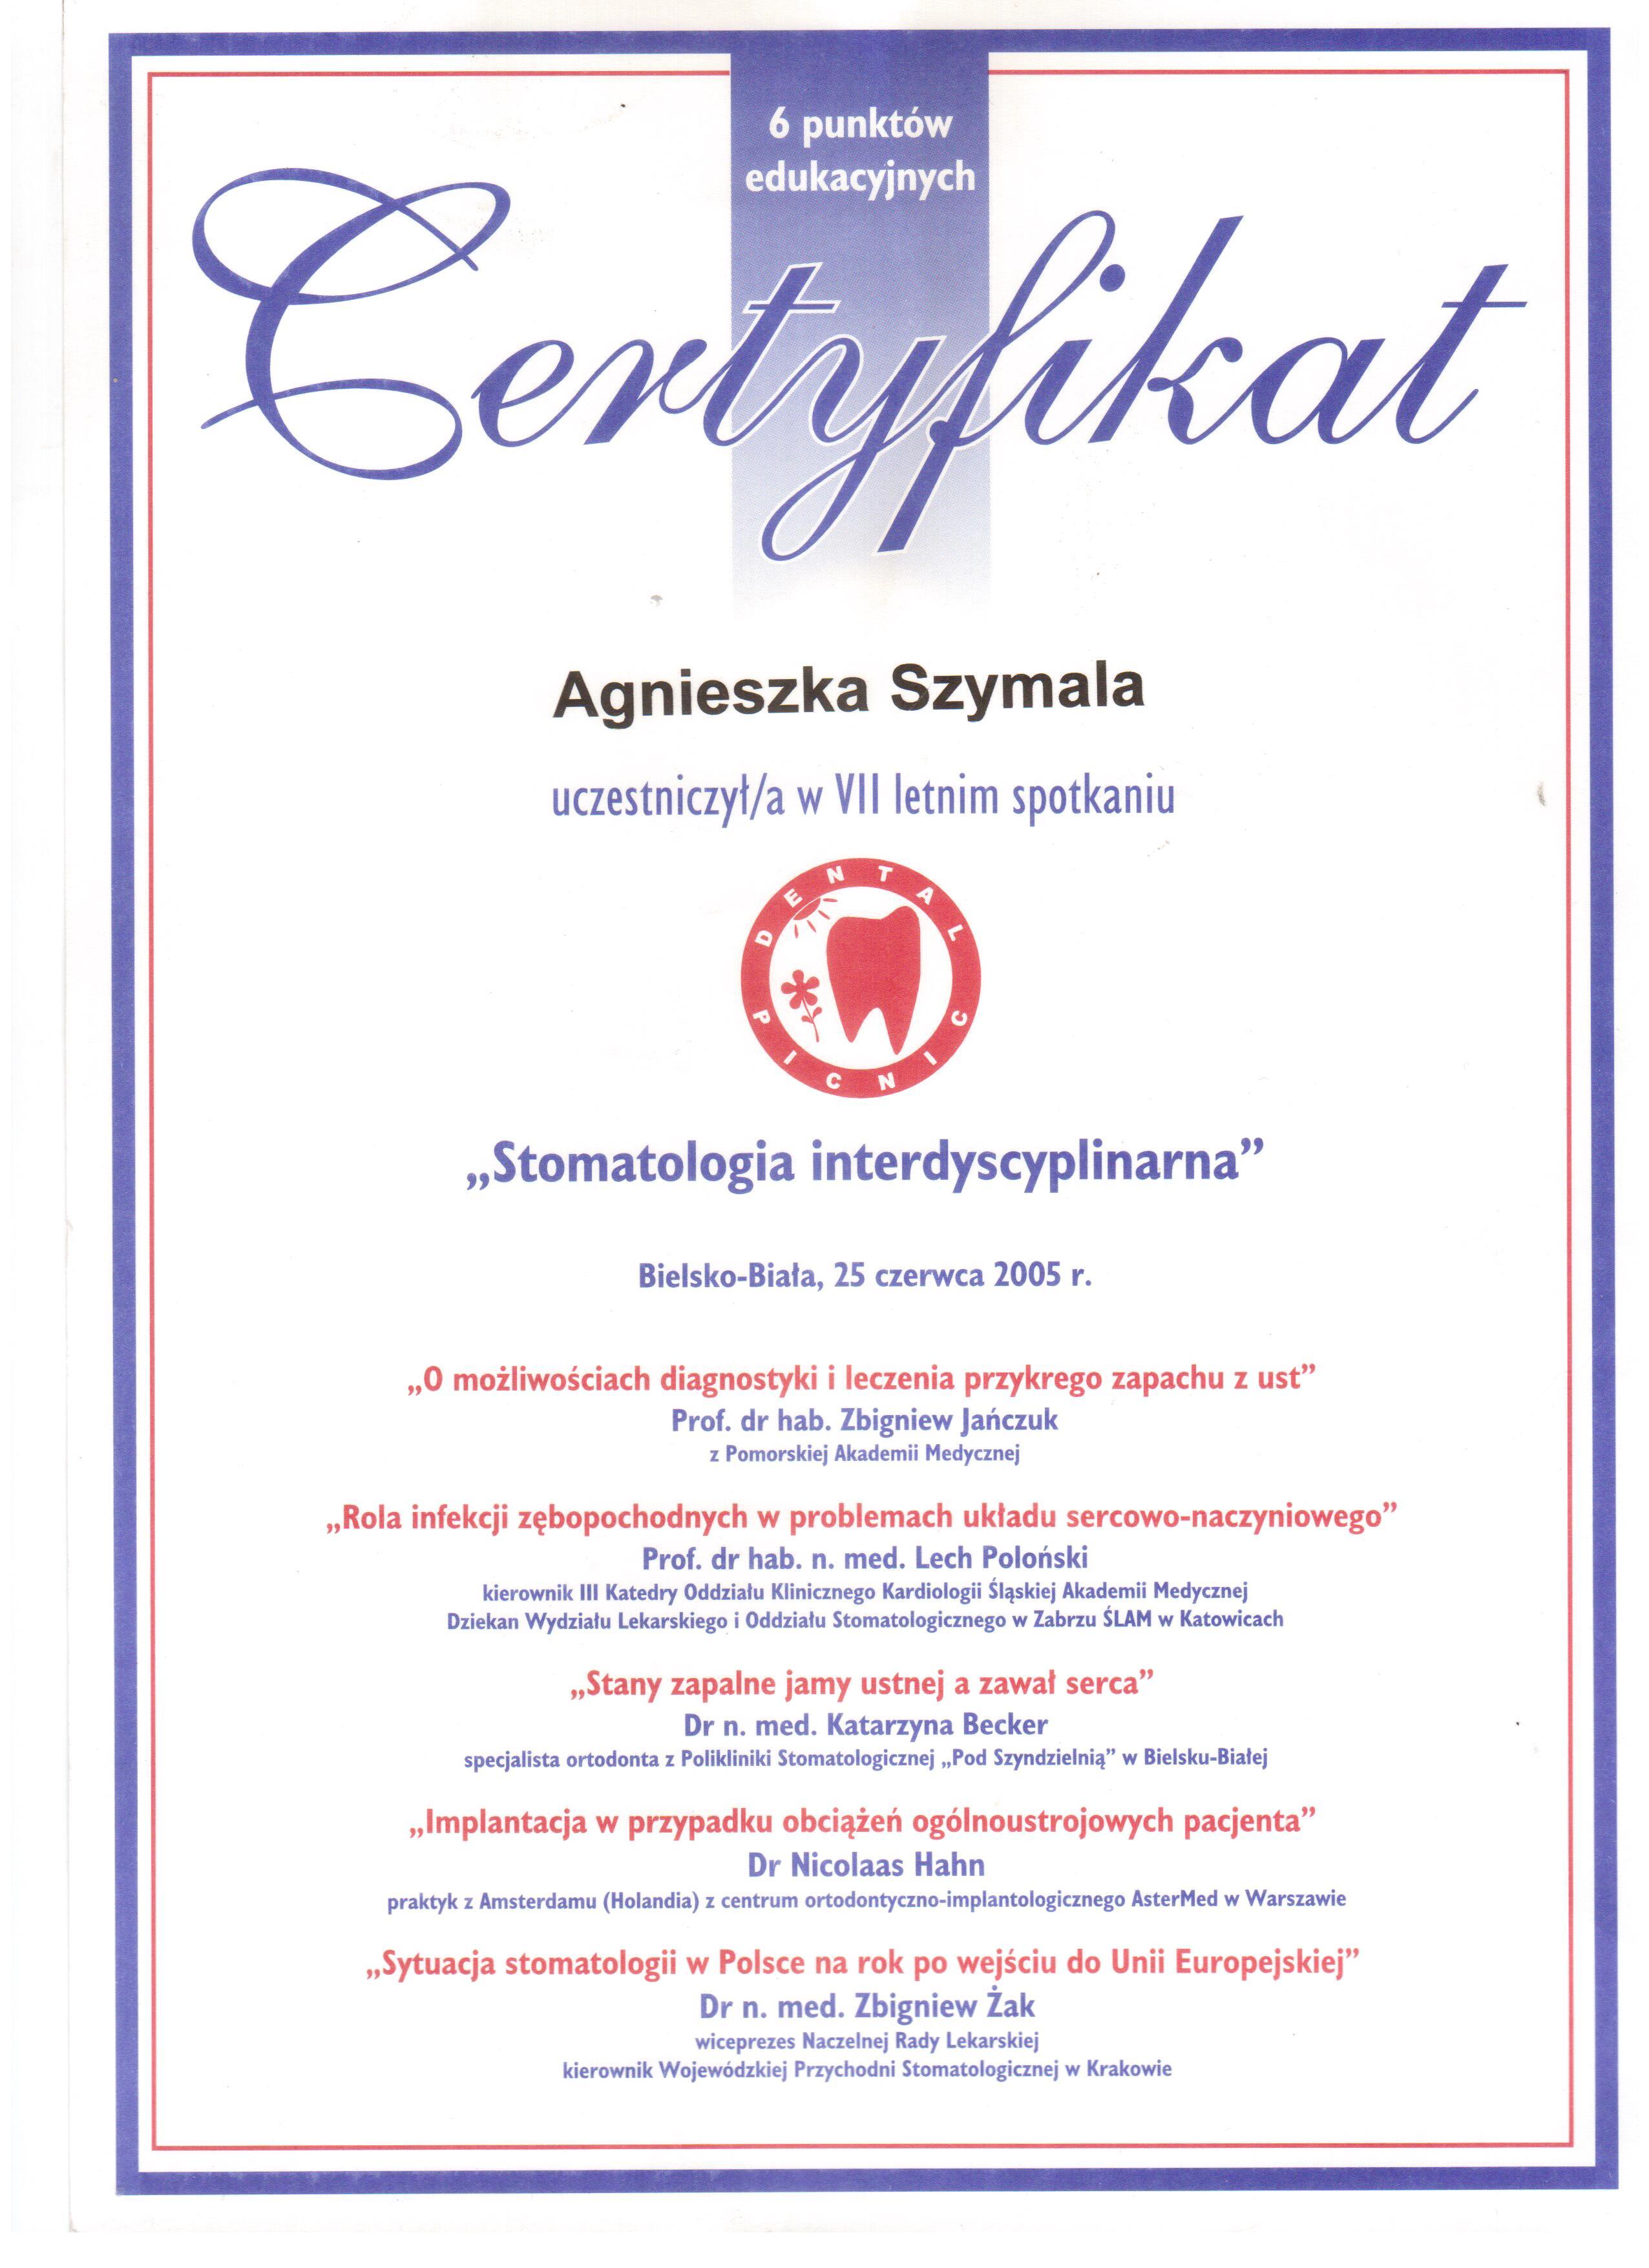 Agnieszka Romanowska-Szymala